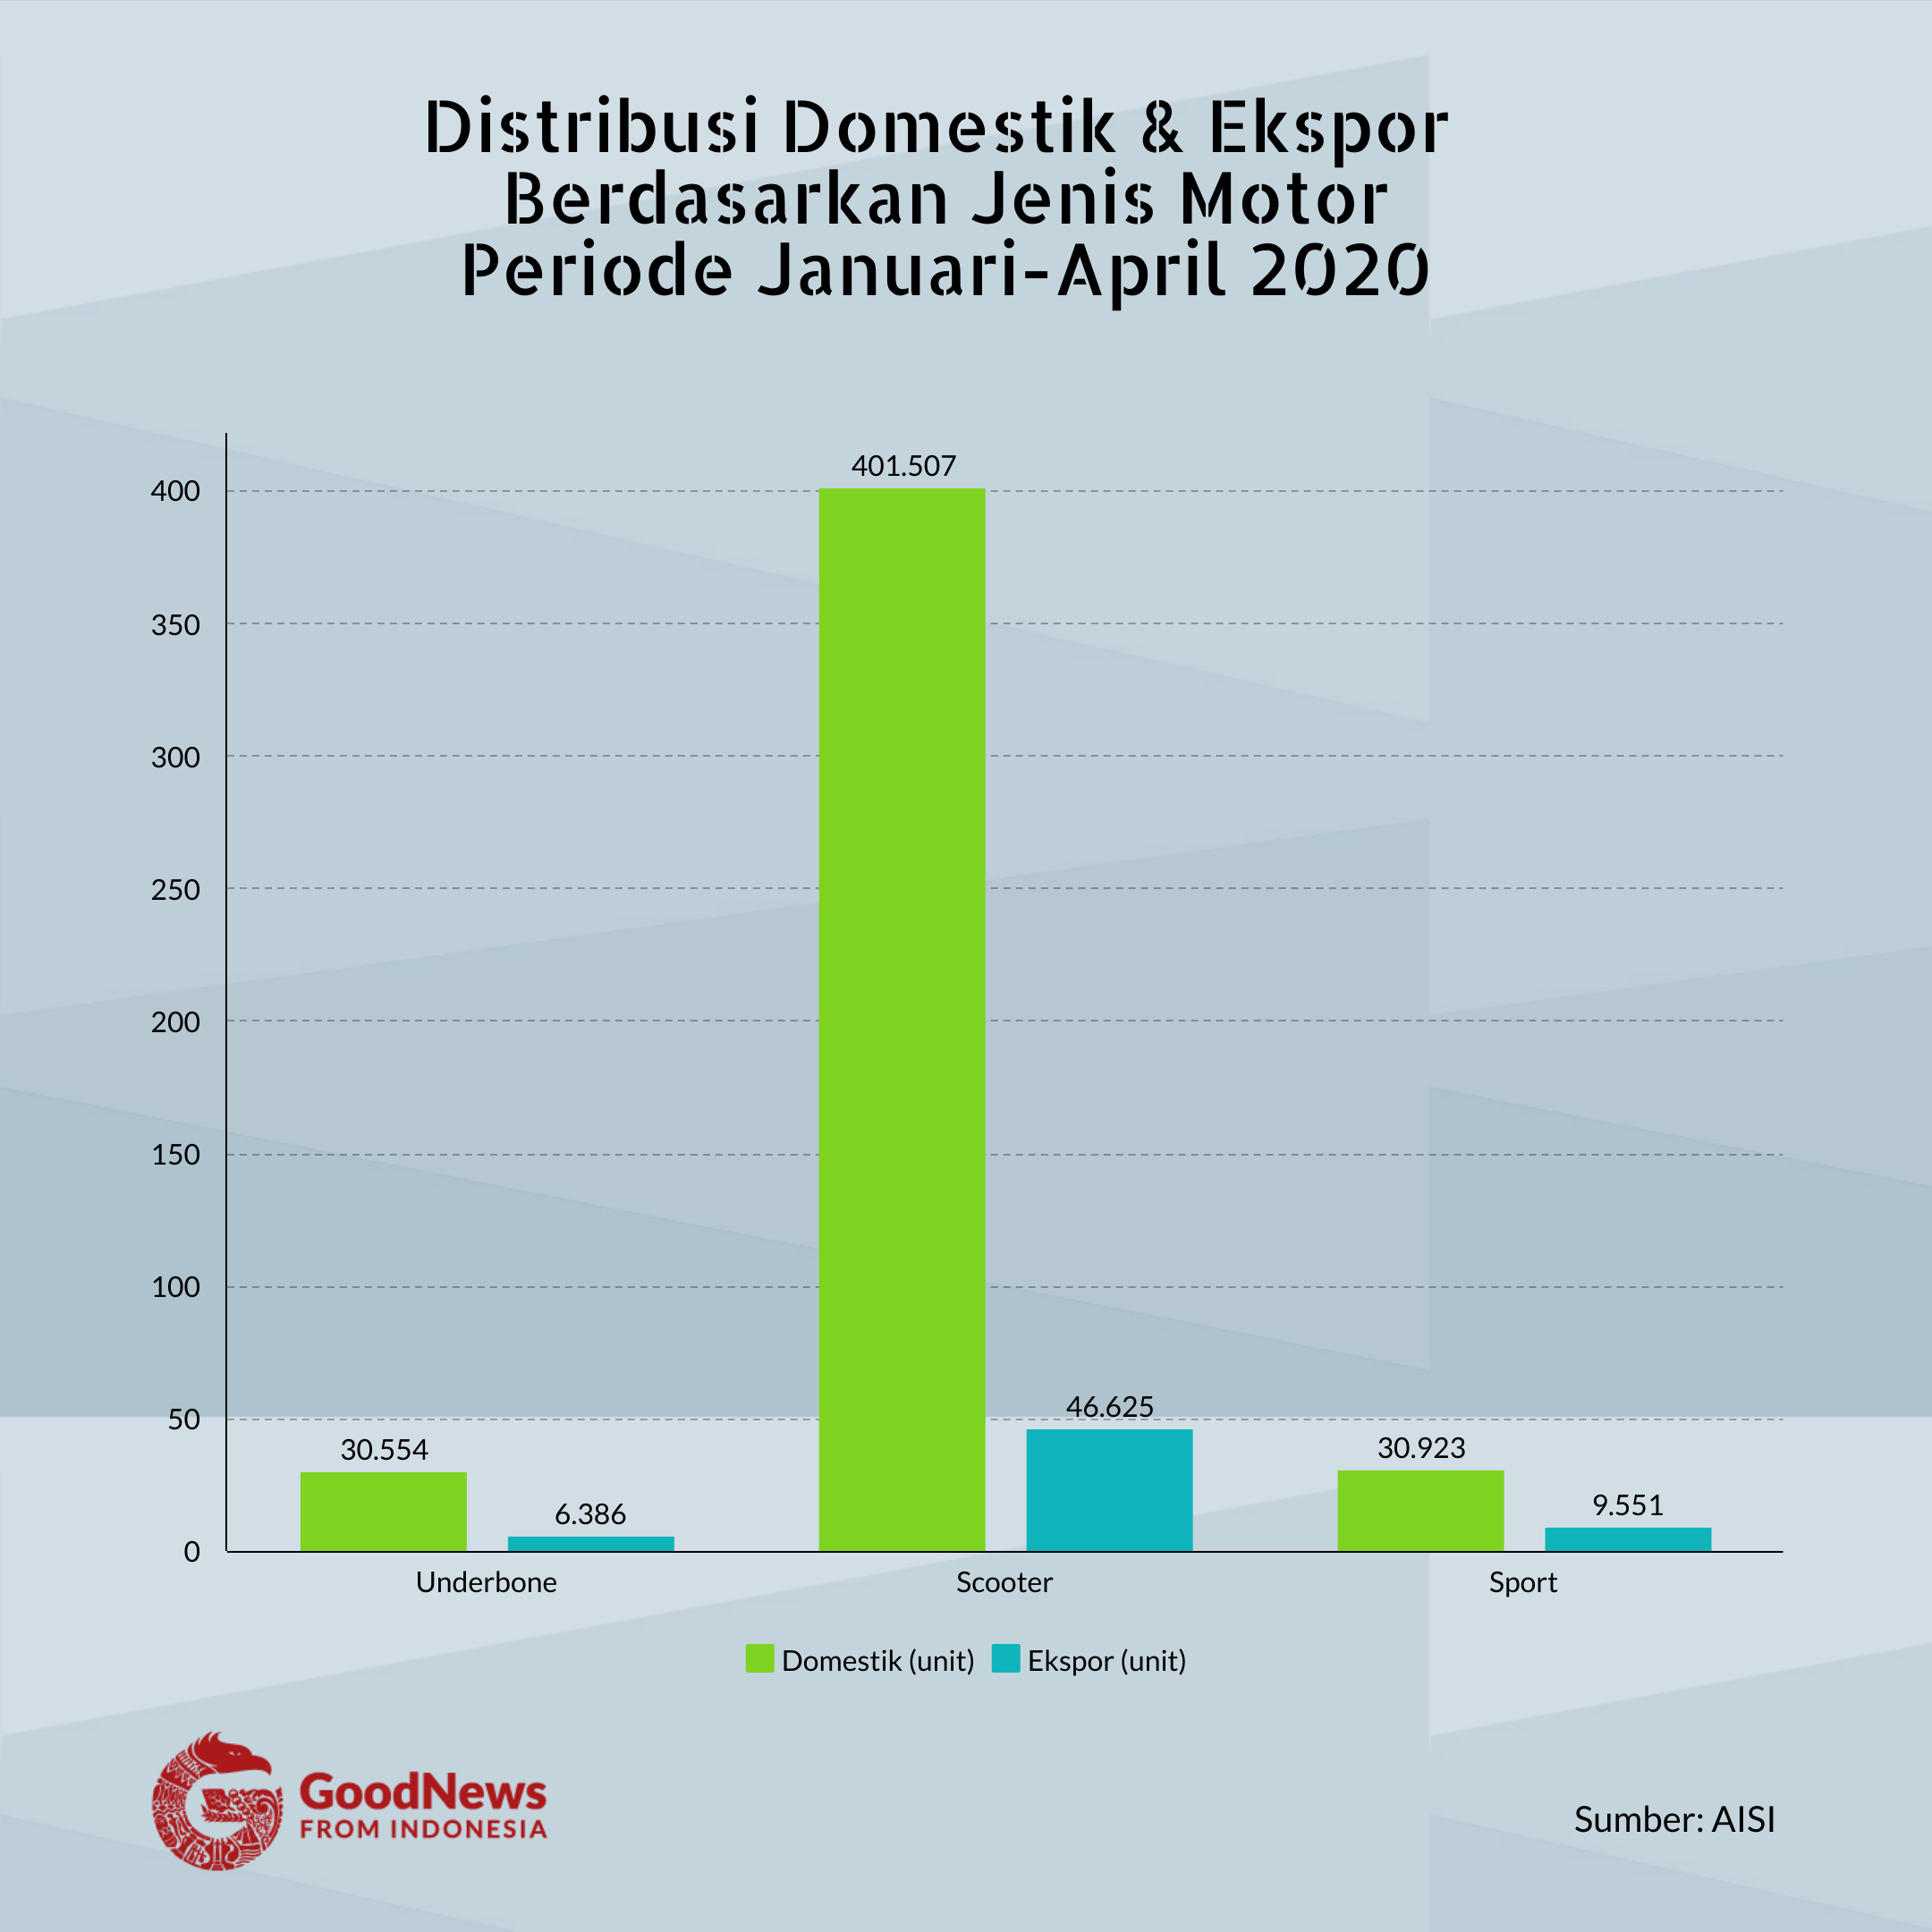 penjualan jenis motor januari-april 2020